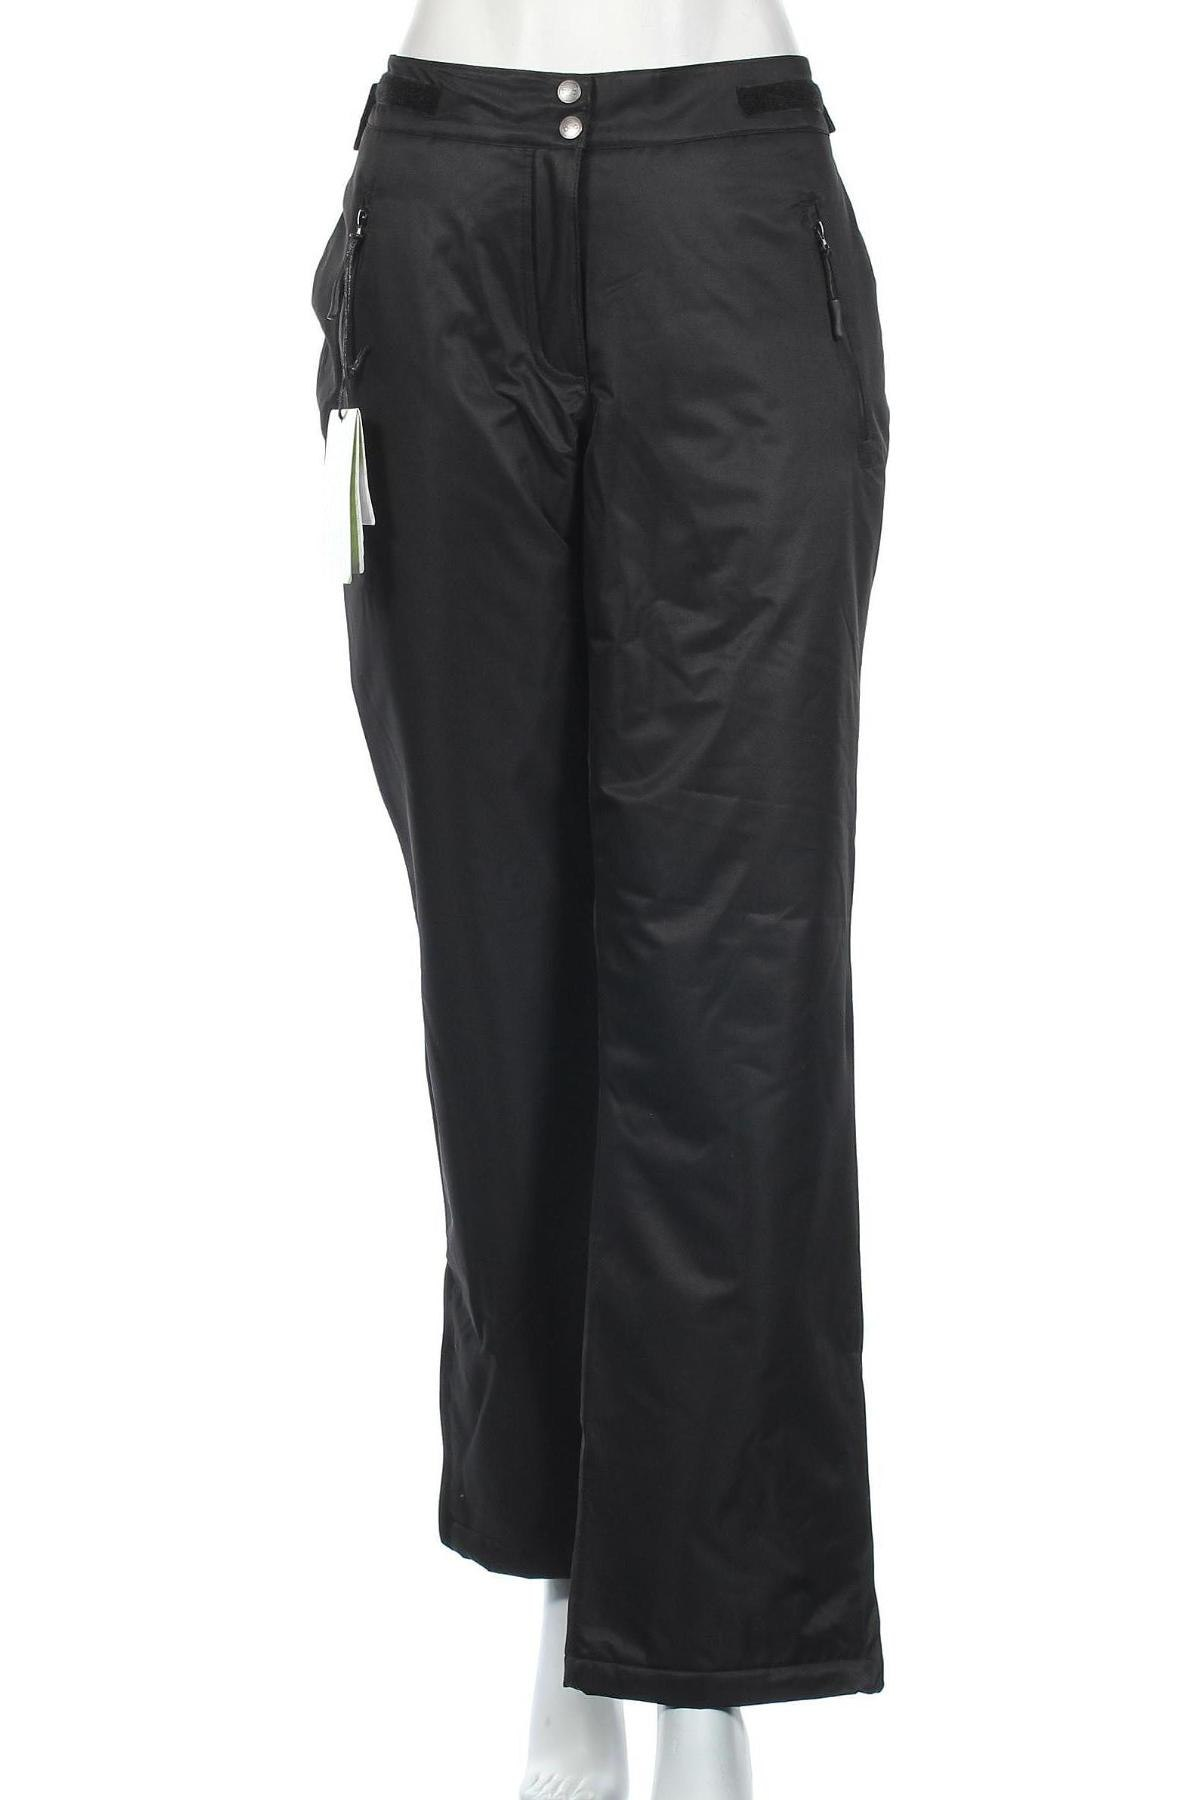 Дамски спортен панталон Bpc Bonprix Collection, Размер M, Цвят Черен, Полиестер, Цена 27,60лв.